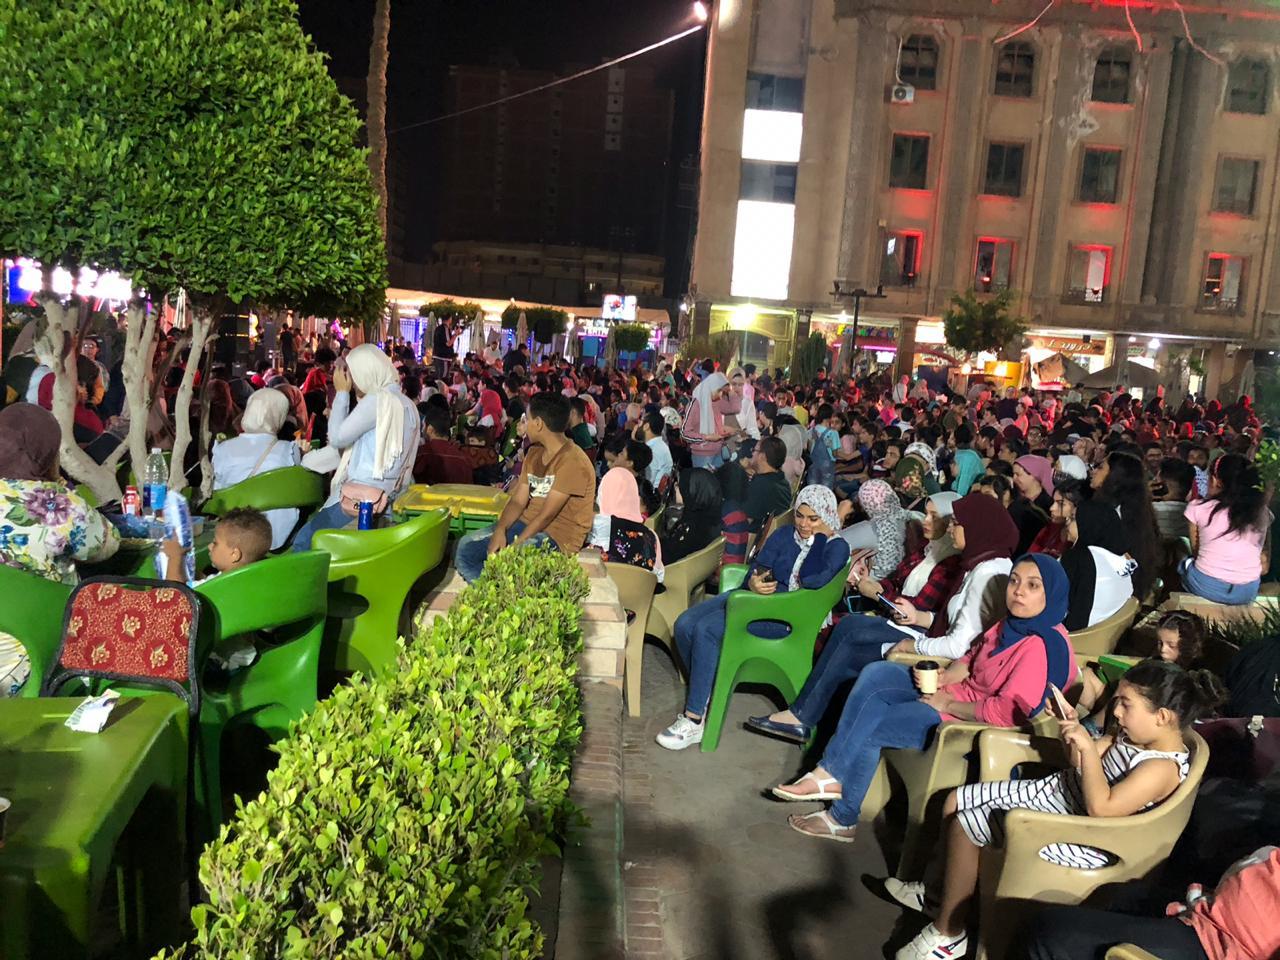 اقبال كبير لمتابعة مباراة مصر والكونغو الديمقراطية في ثاني مباريات المنتخب (4)